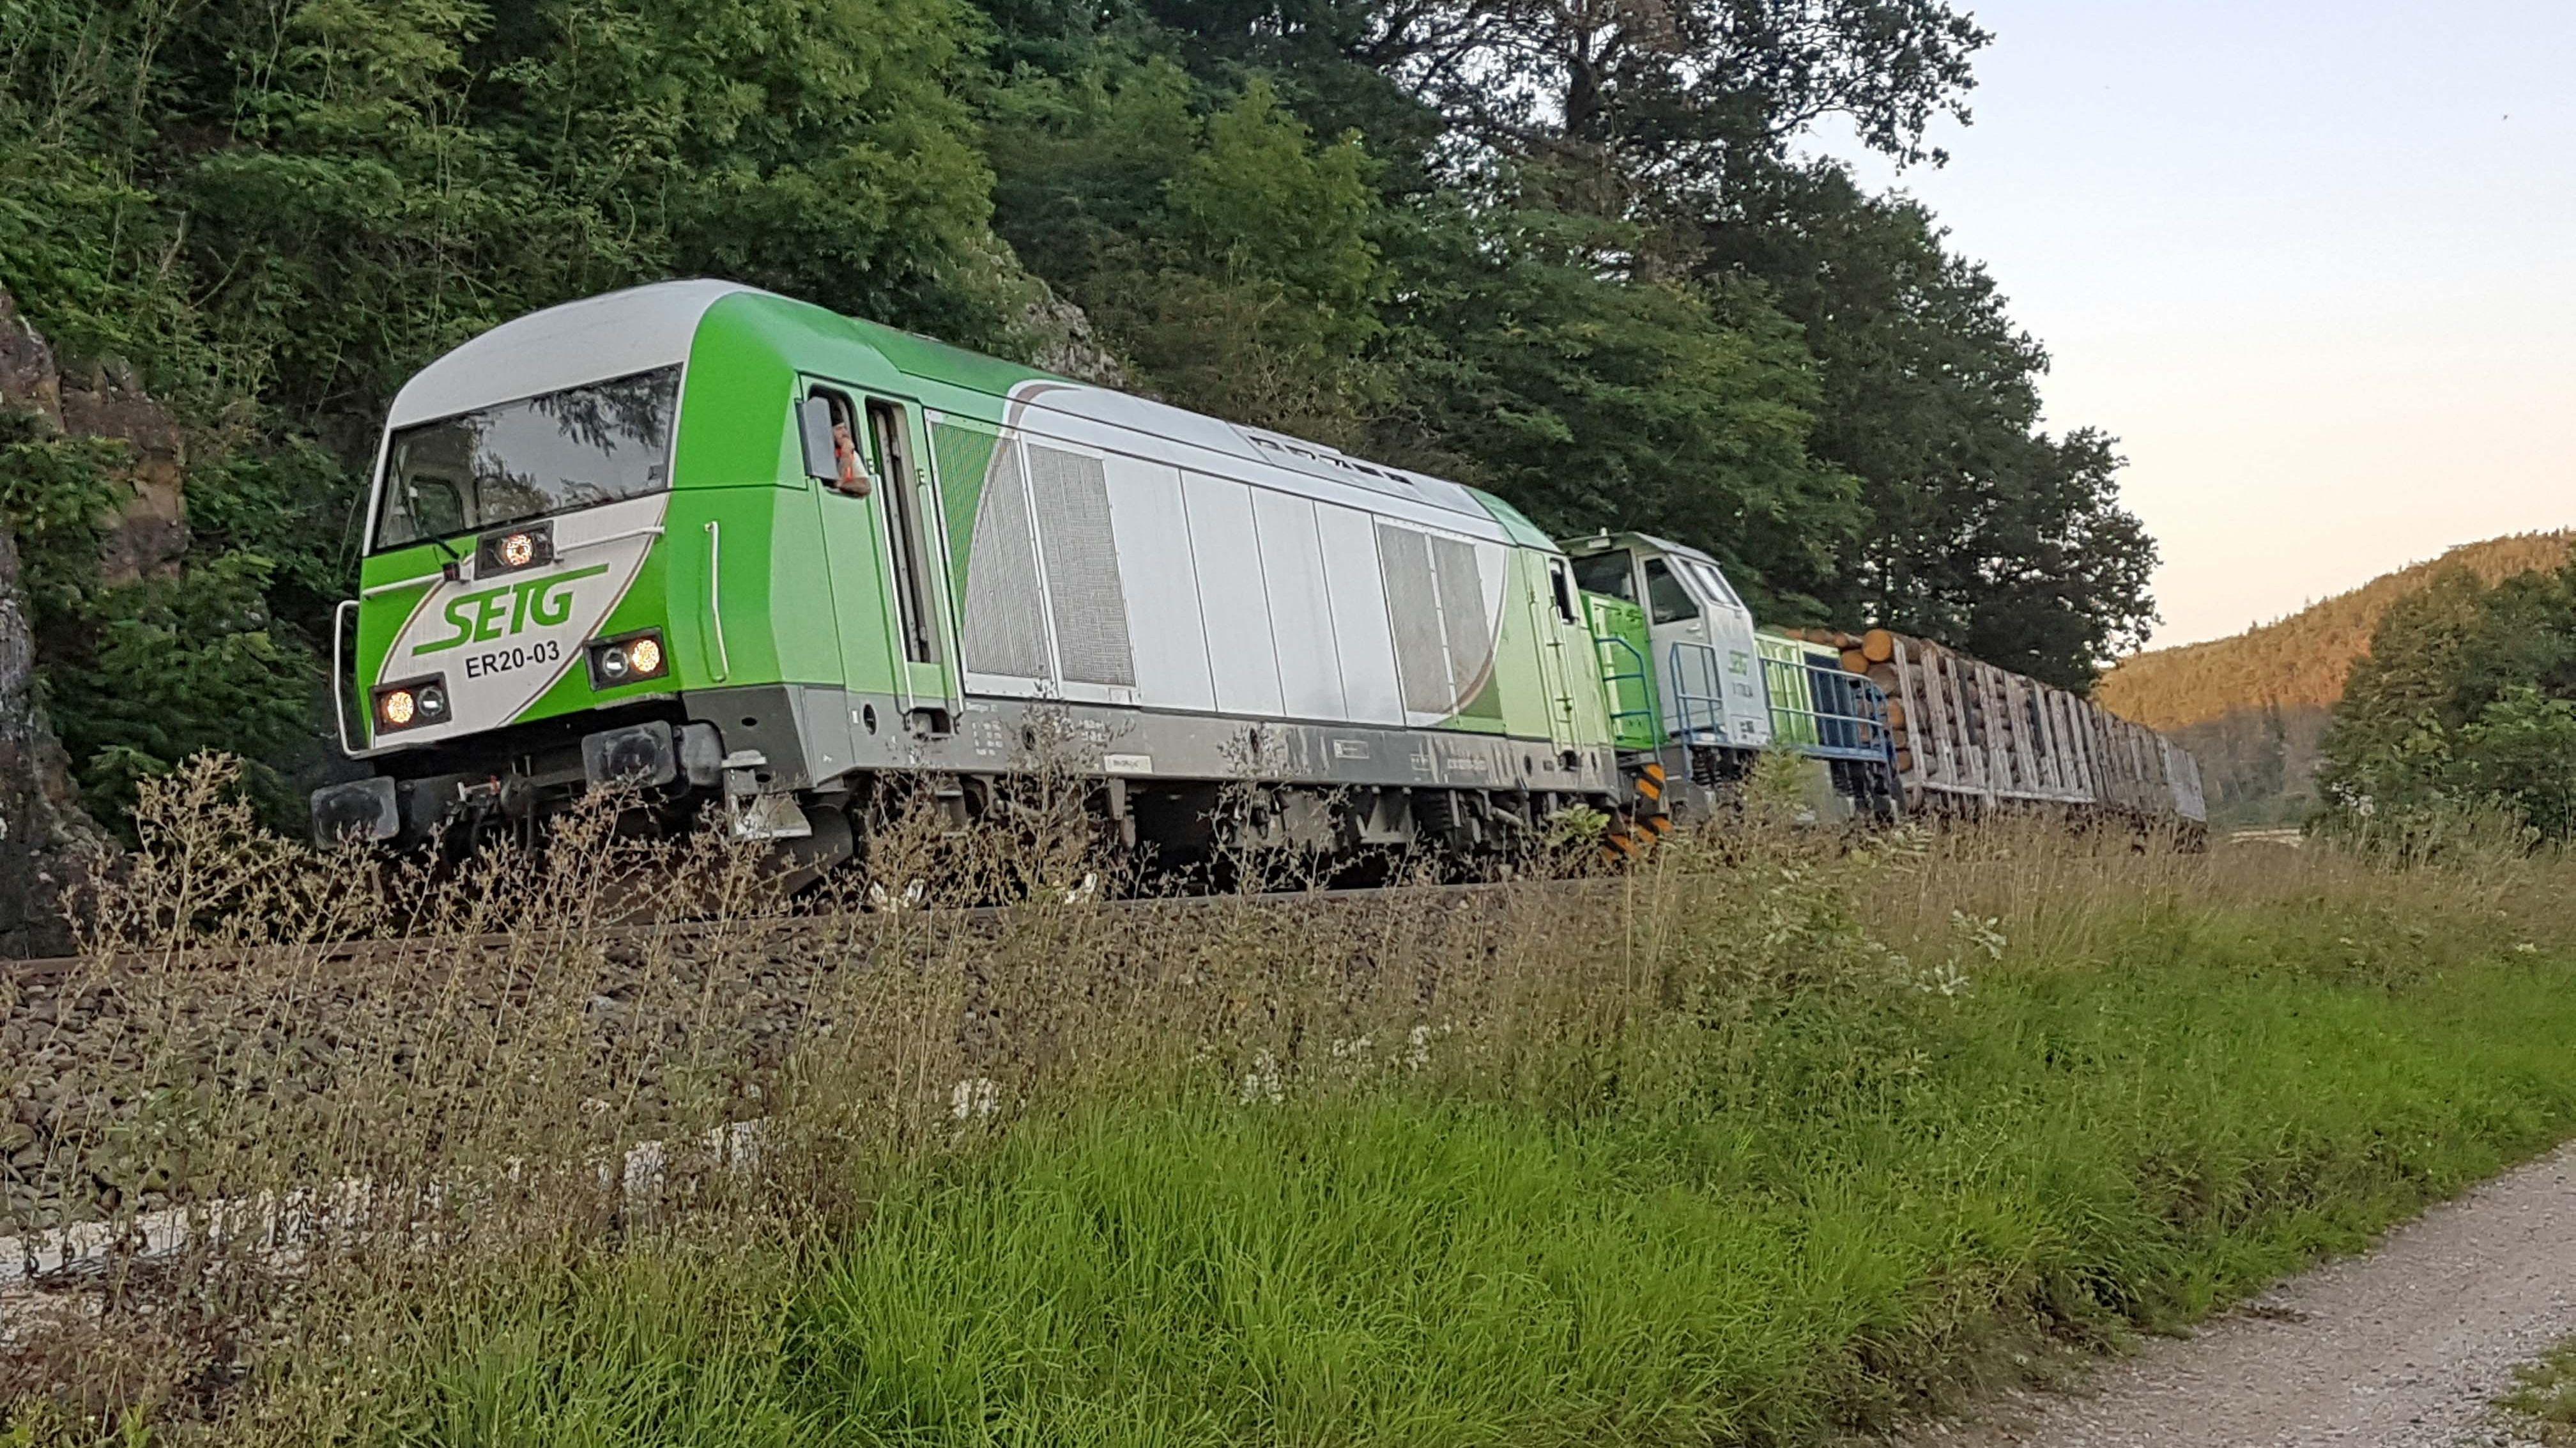 Dieser 1.500 Tonnen schwere Güterzug rollte ohne Bremsen durch Nordbayern. Erst nach einer fast 100 Kilometer langen Irrfahrt kam er zu Stehen.